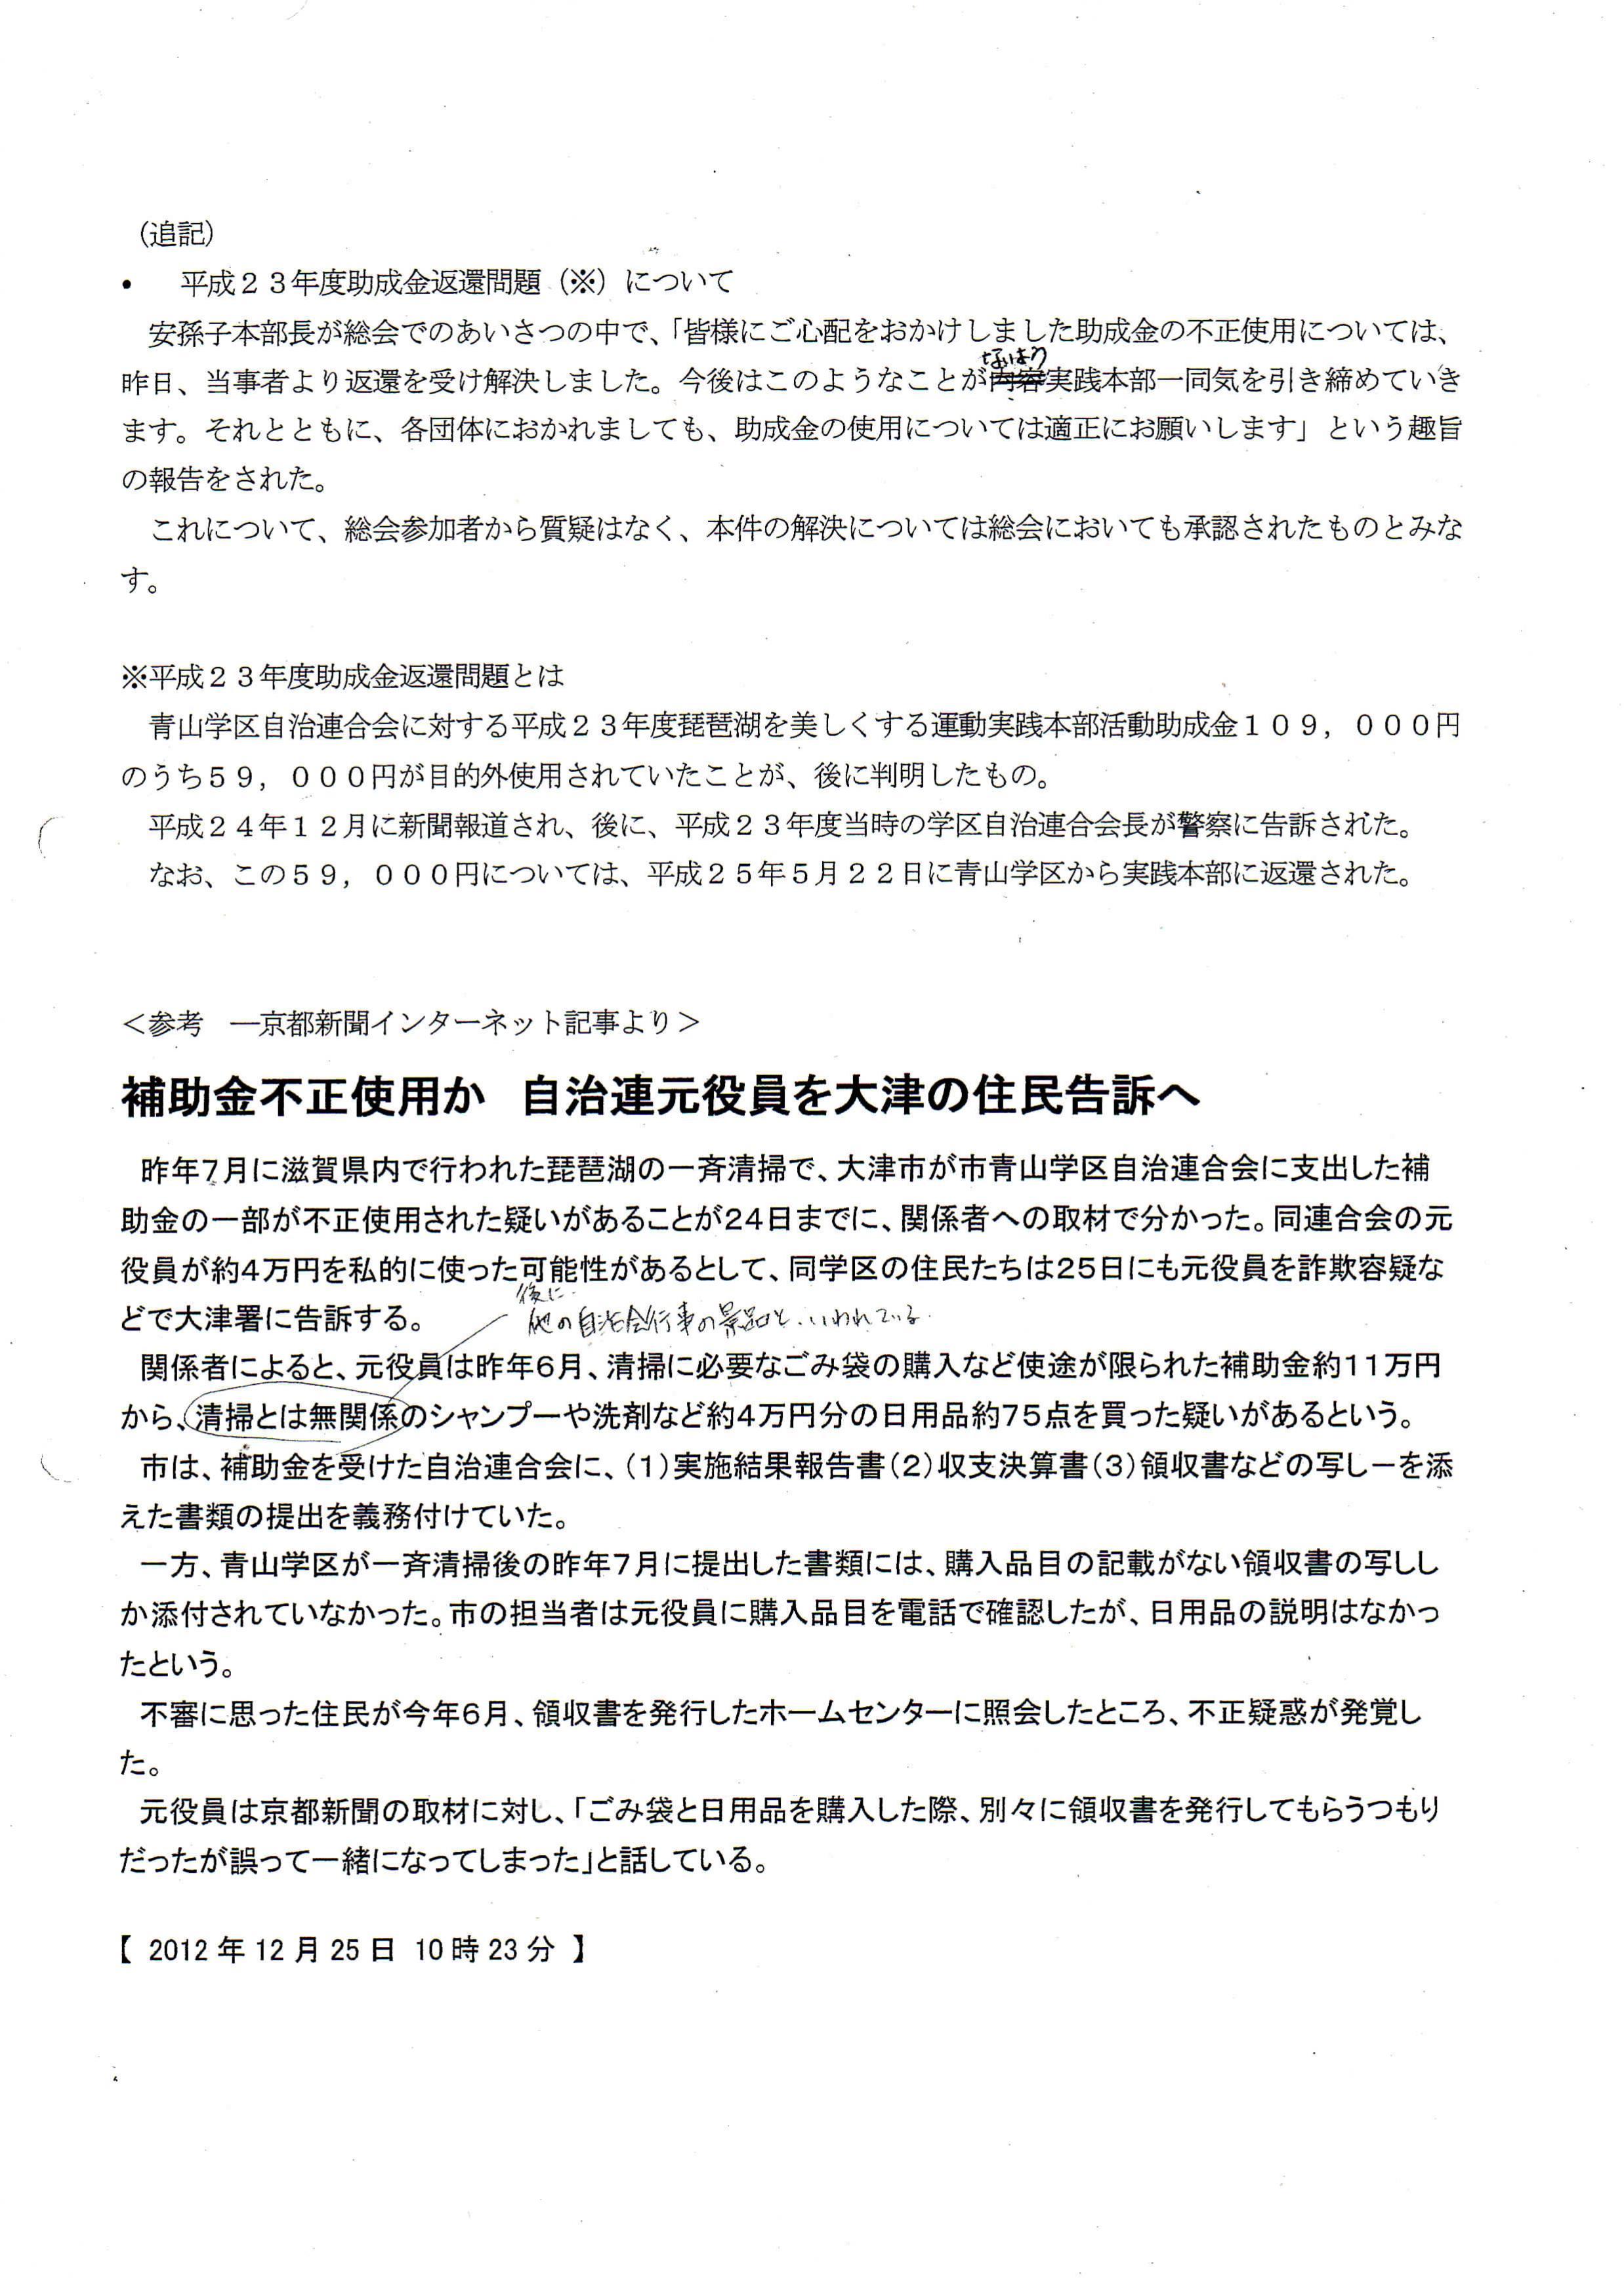 琵琶湖を美しくする運動実践本部/会議報告書(参考記事)_01